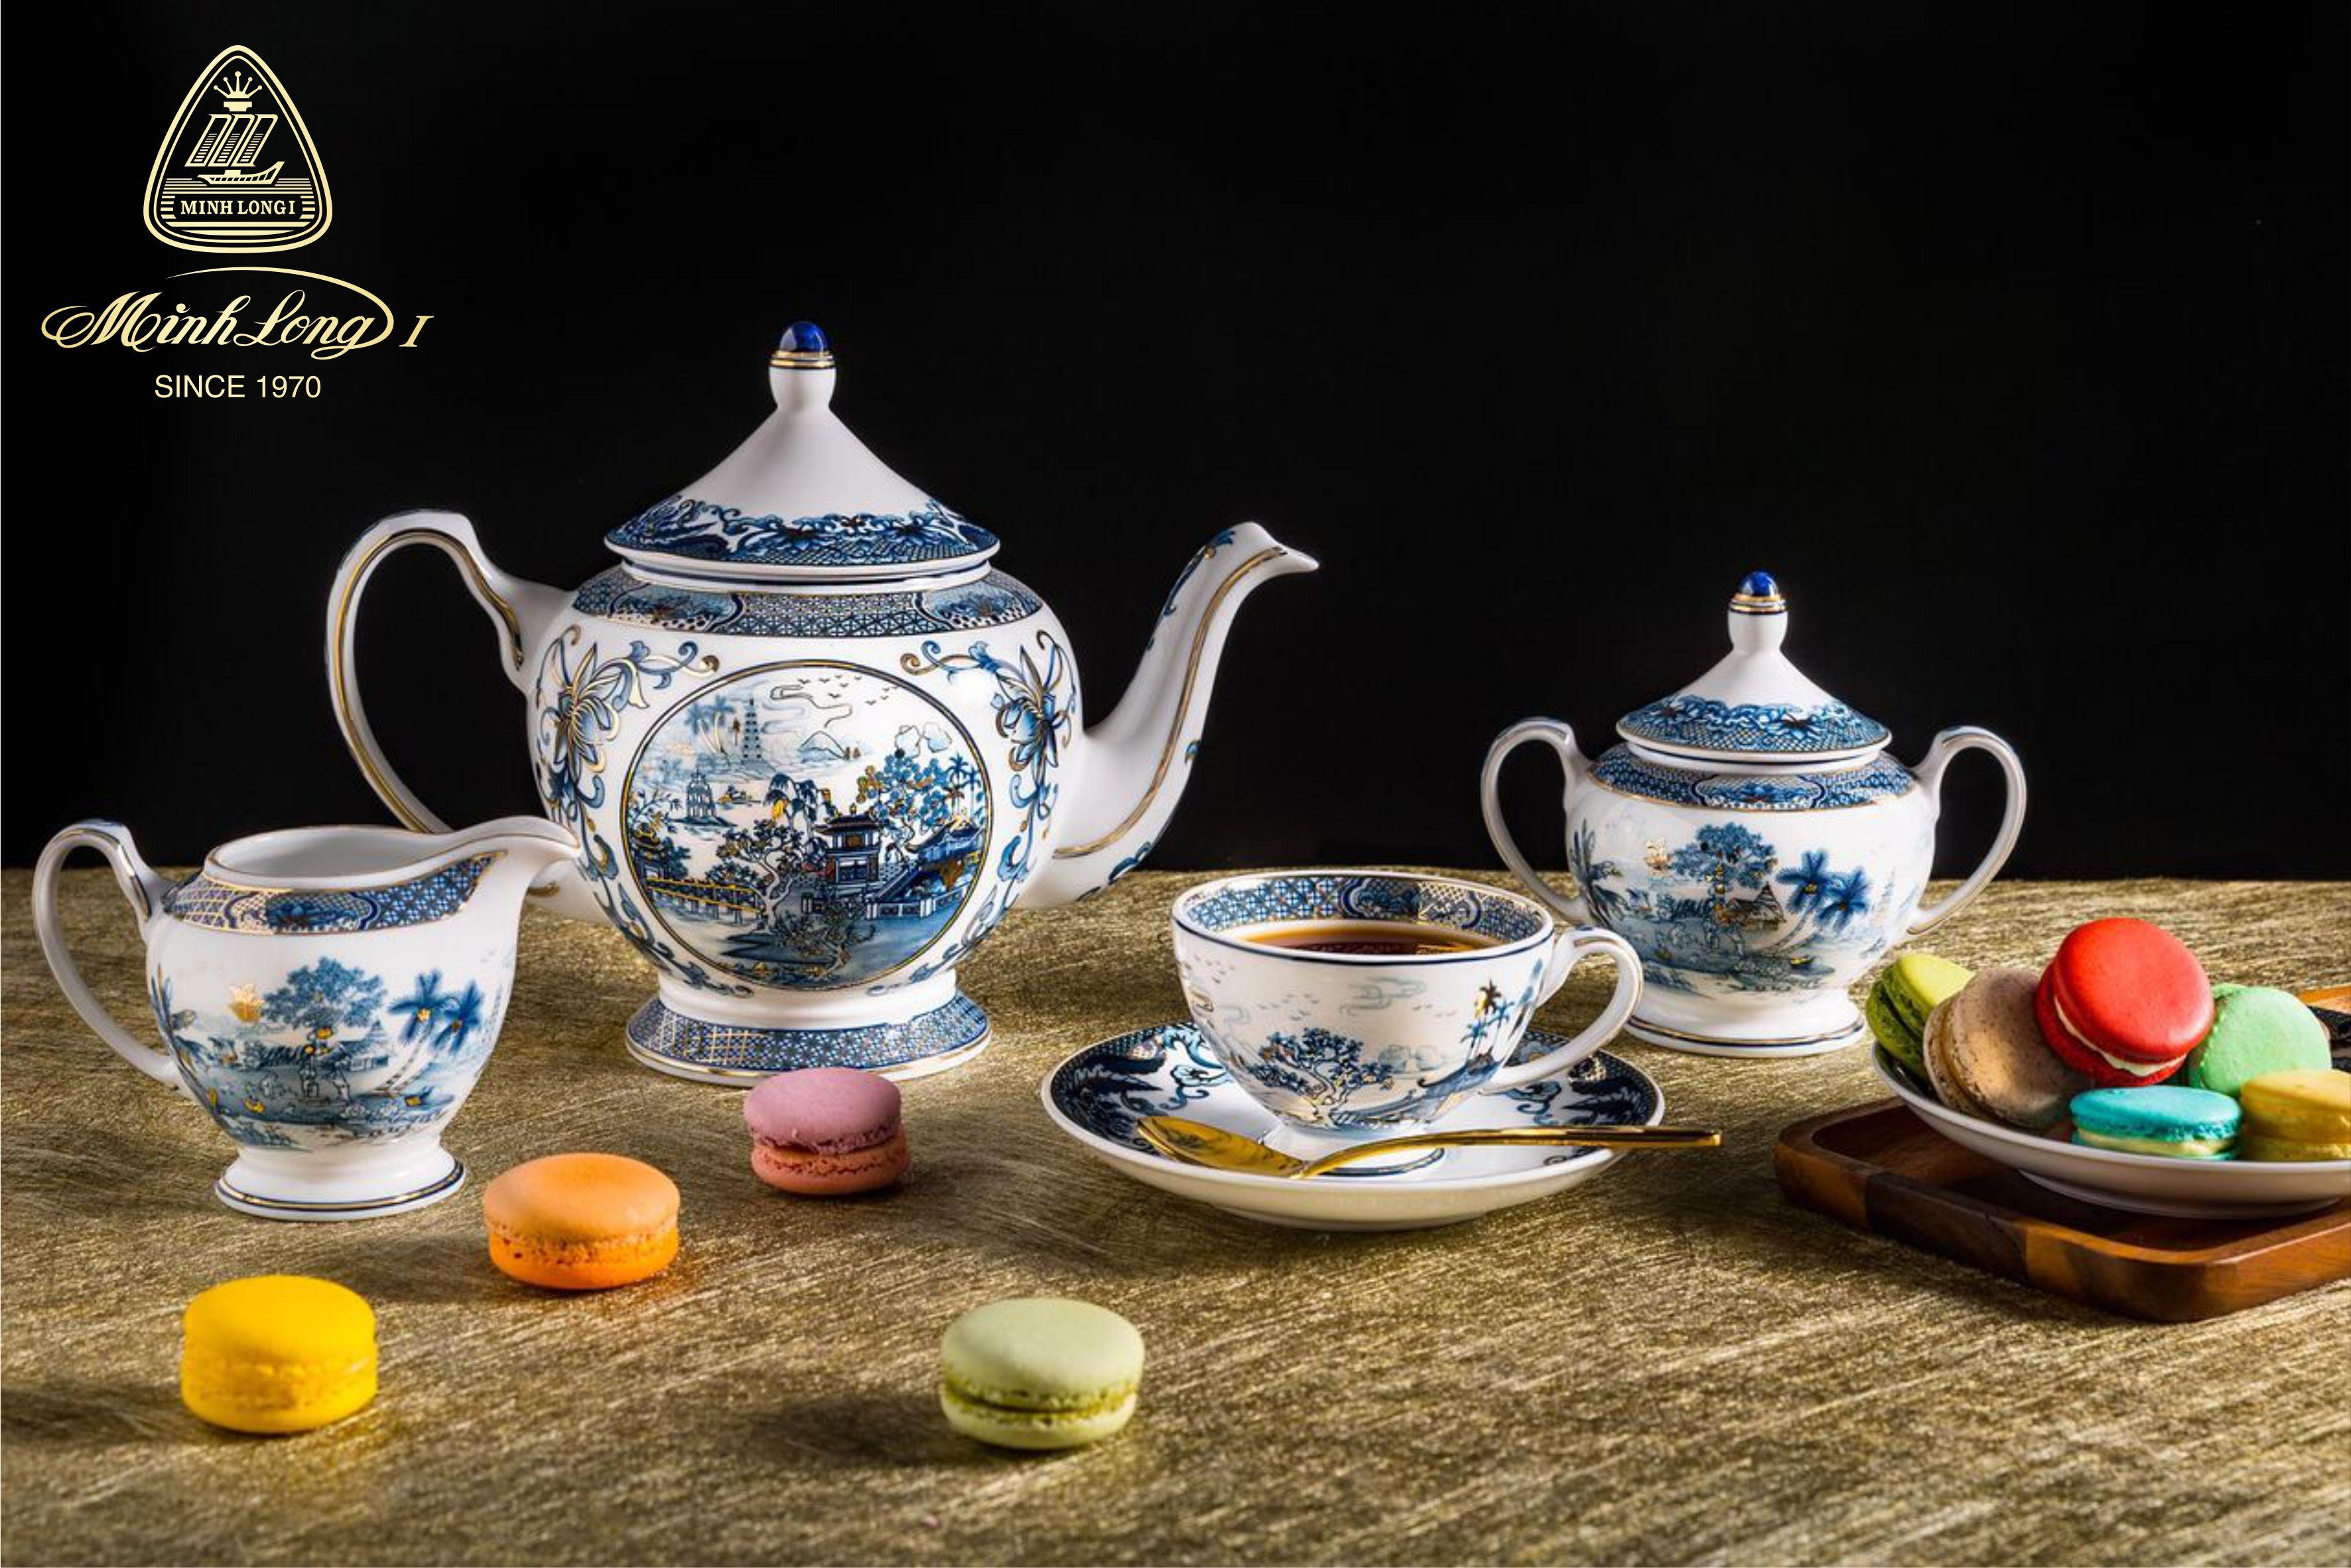 Bộ trà 1.3L Hoàng Cung Hồn Việt vàng 01134037303 Minh Long